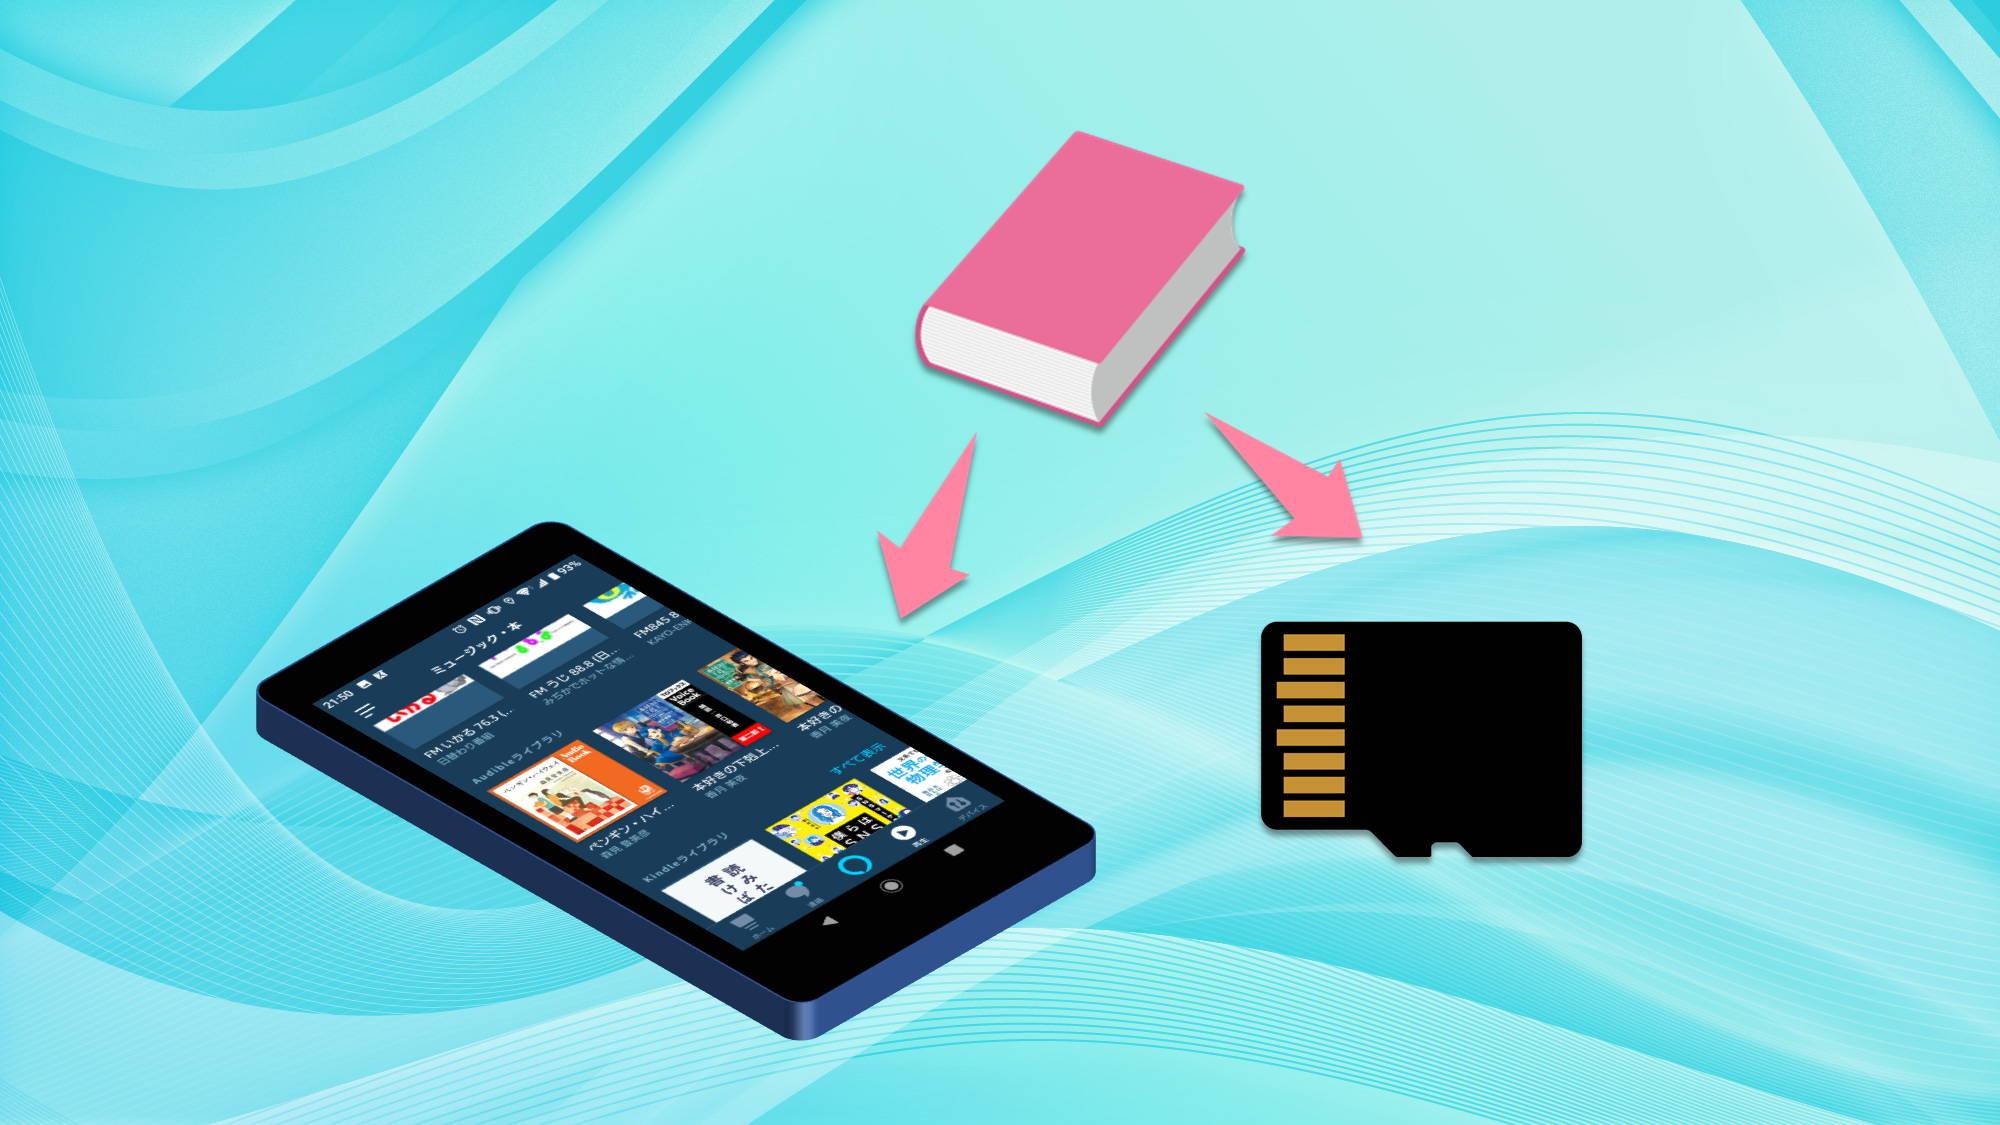 Audibleの本をスマホかSDカードのどちらに入れるか?